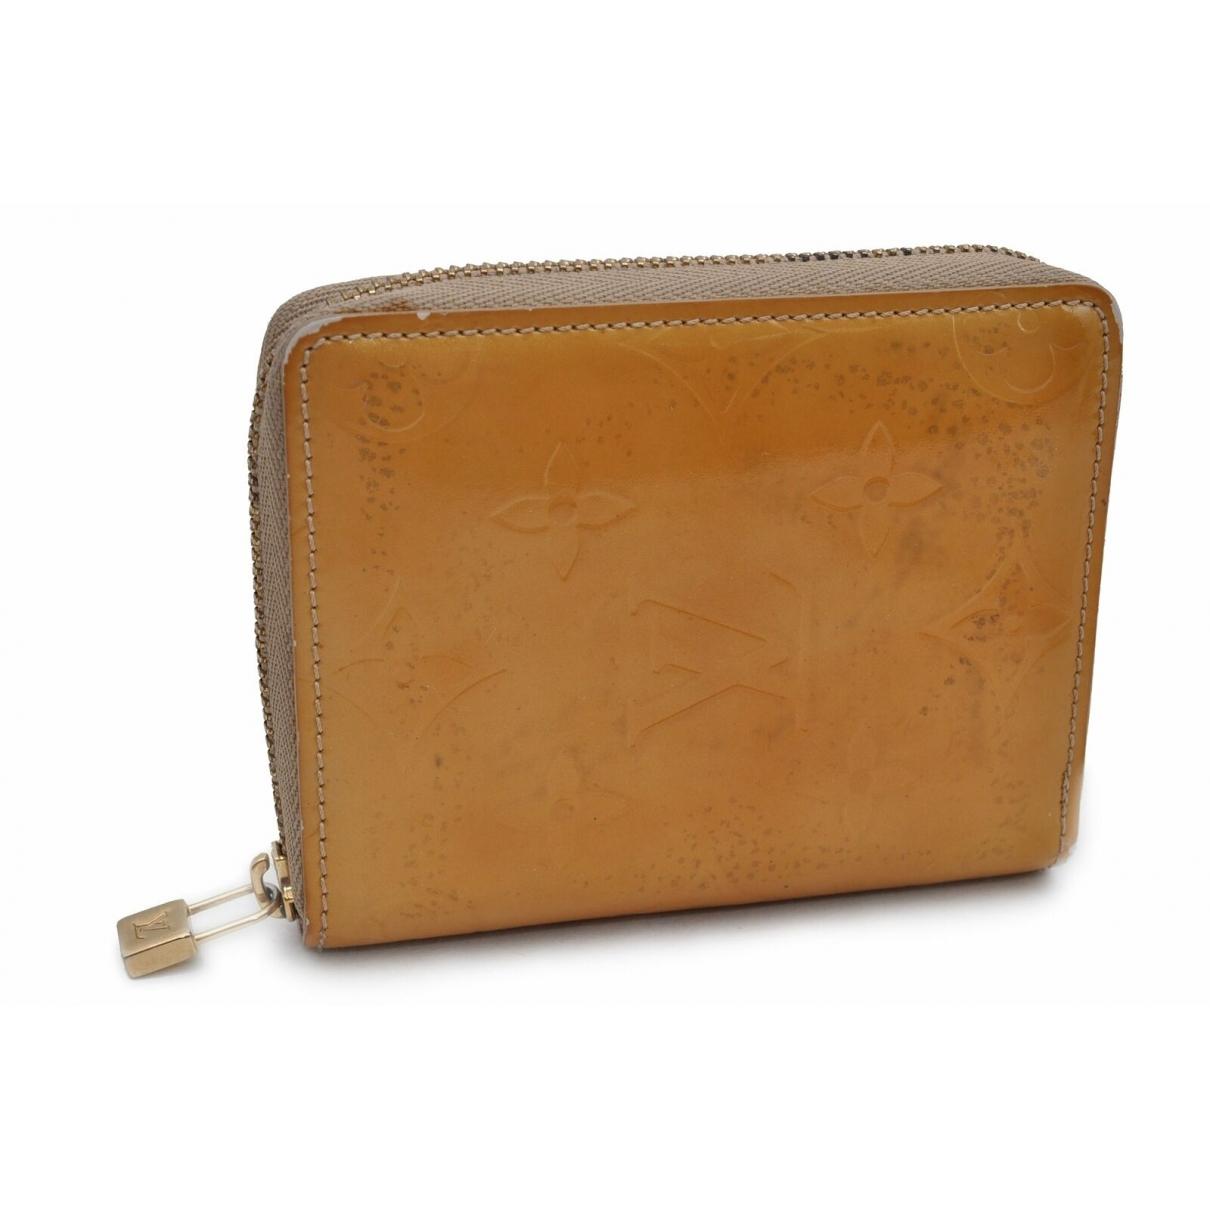 Louis Vuitton - Portefeuille   pour femme en cuir verni - jaune